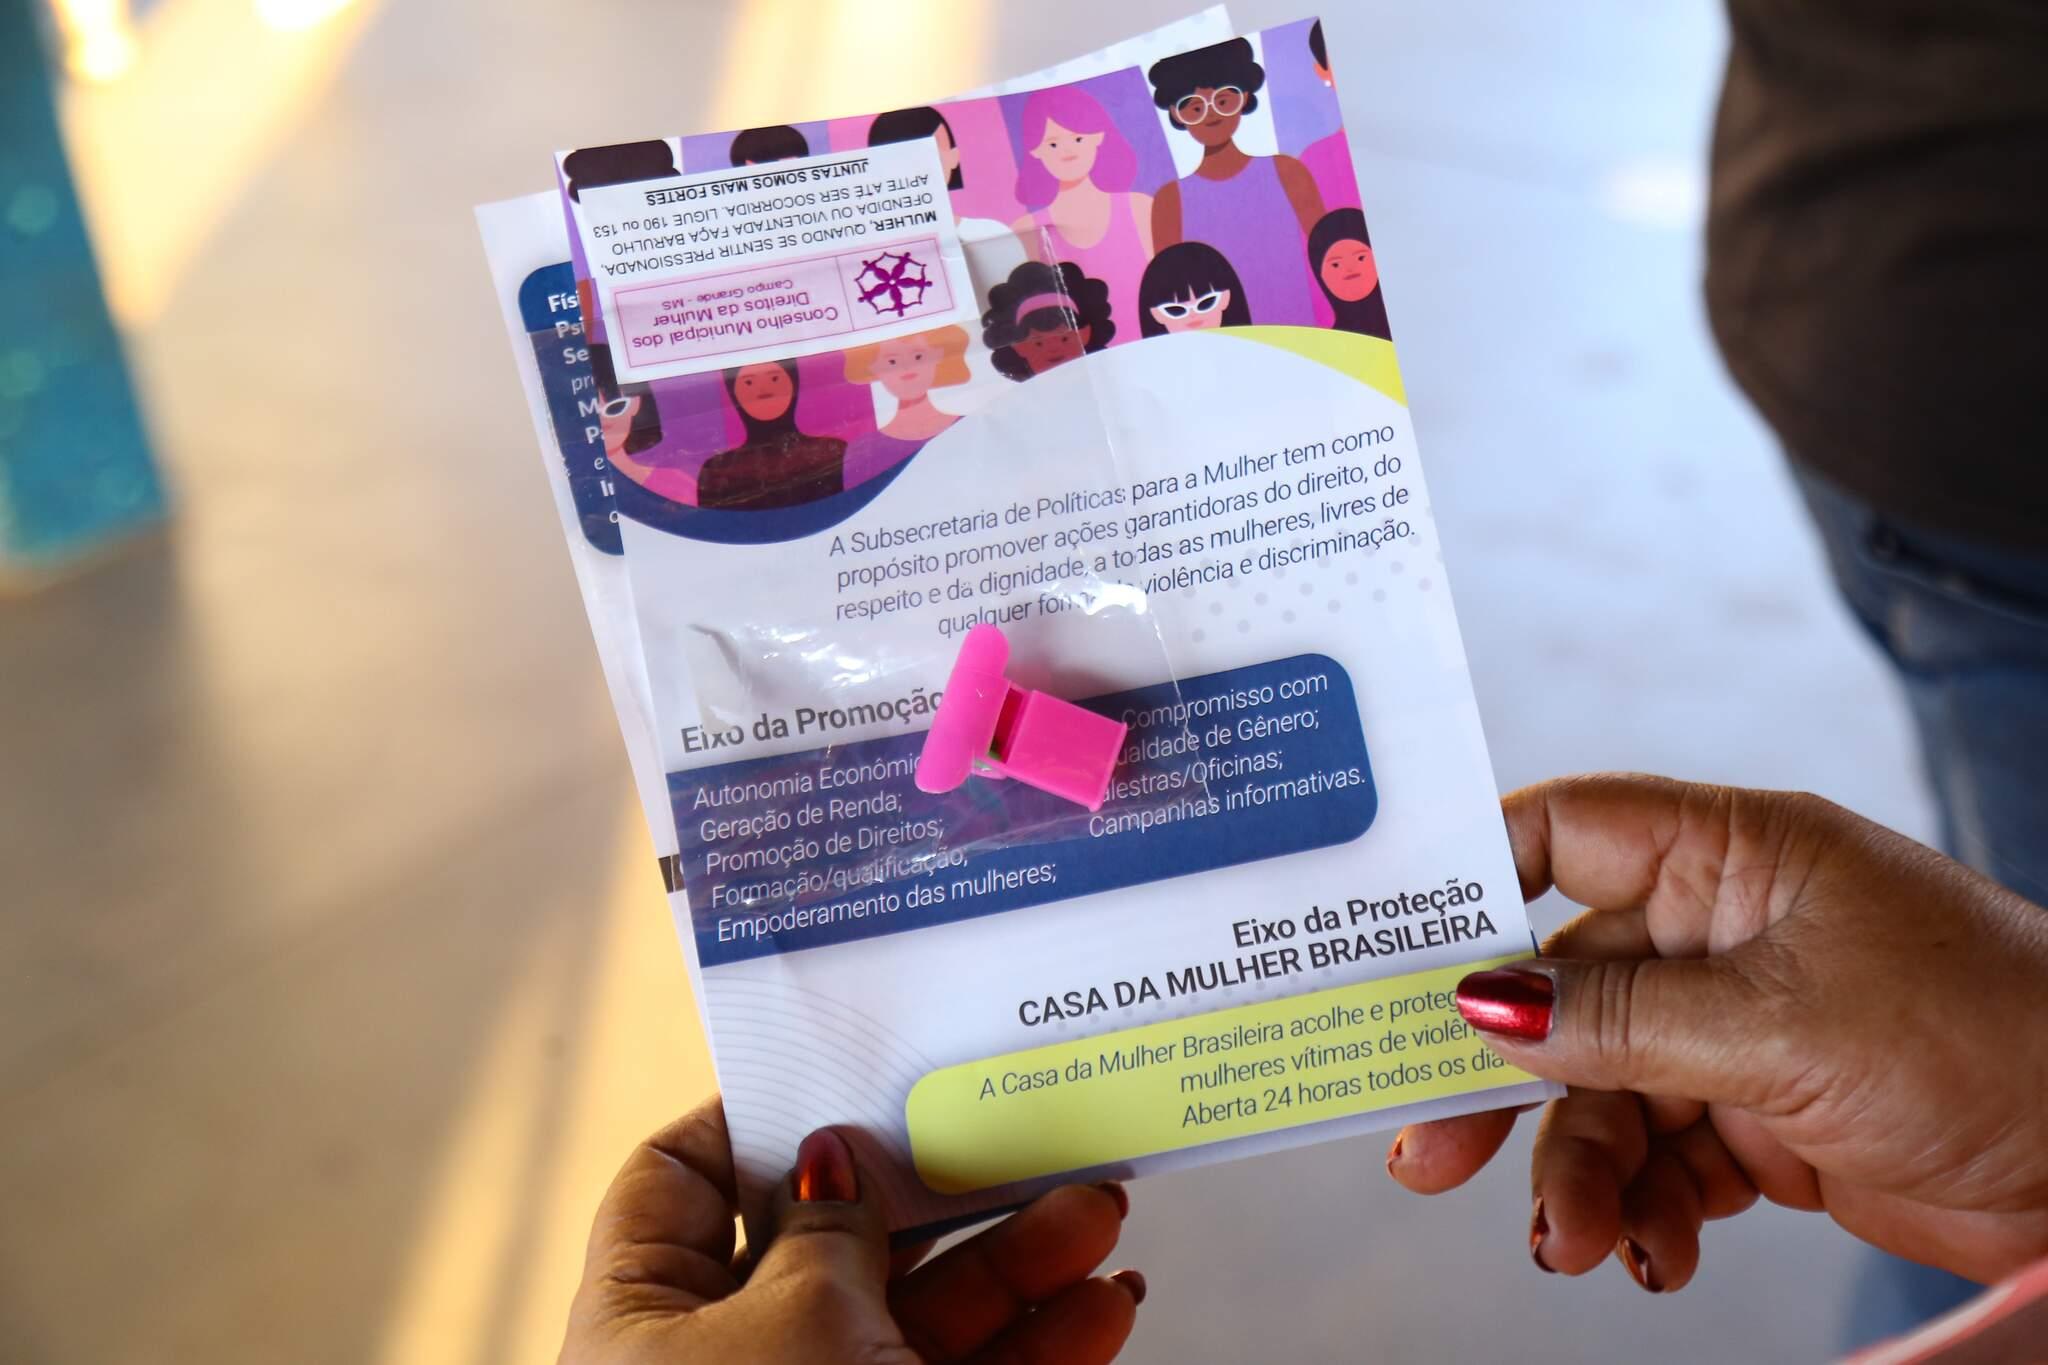 Material entregue as usuárias do transporte coletivo nesta segunda-feira, dia internacional da mulher (Foto: Kisie Ainoã)